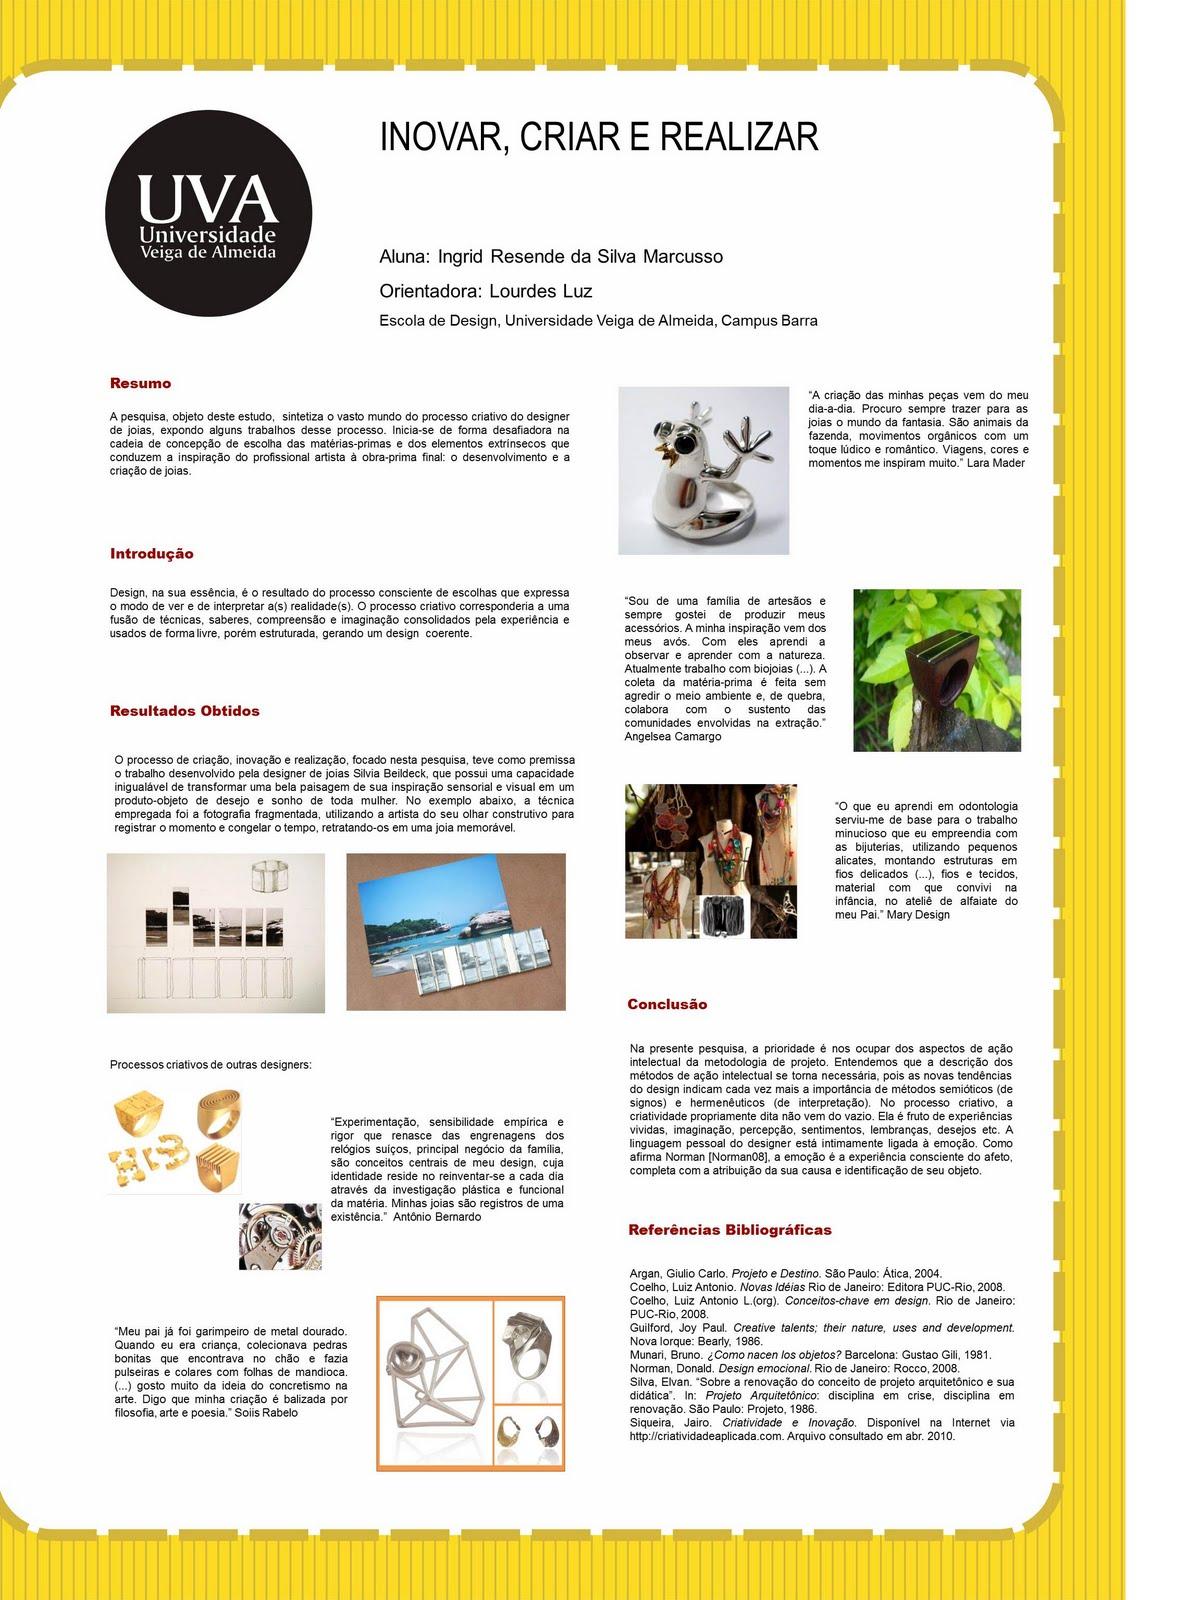 Blog design de interiores uva o blog dos cursos de for Curso de design de interiores no exterior